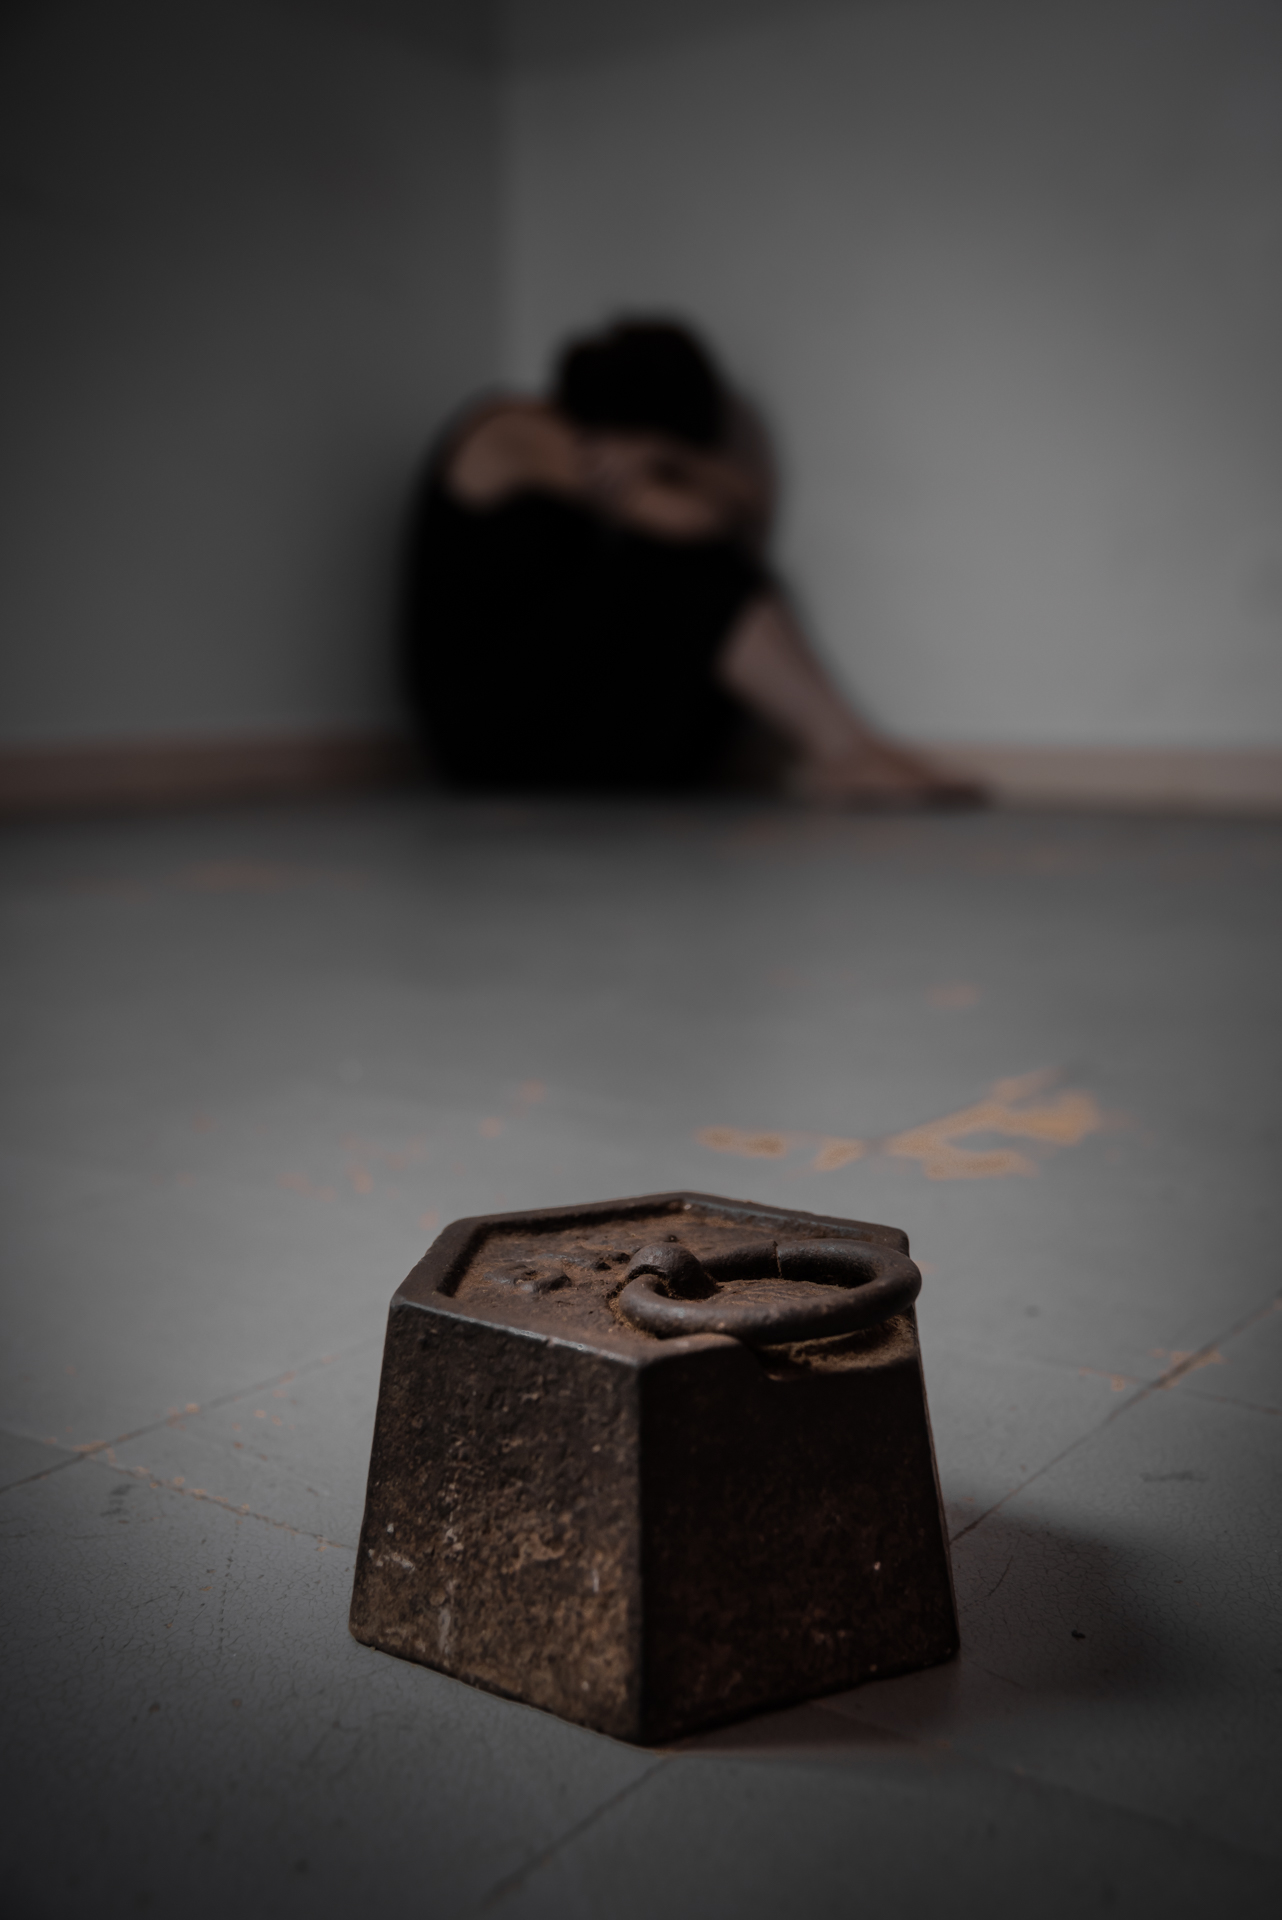 <p>No universo das doenças incapacitantes, as doenças mentais são aquelas que mais peso têm nos anos vividos com incapacidade.</p>